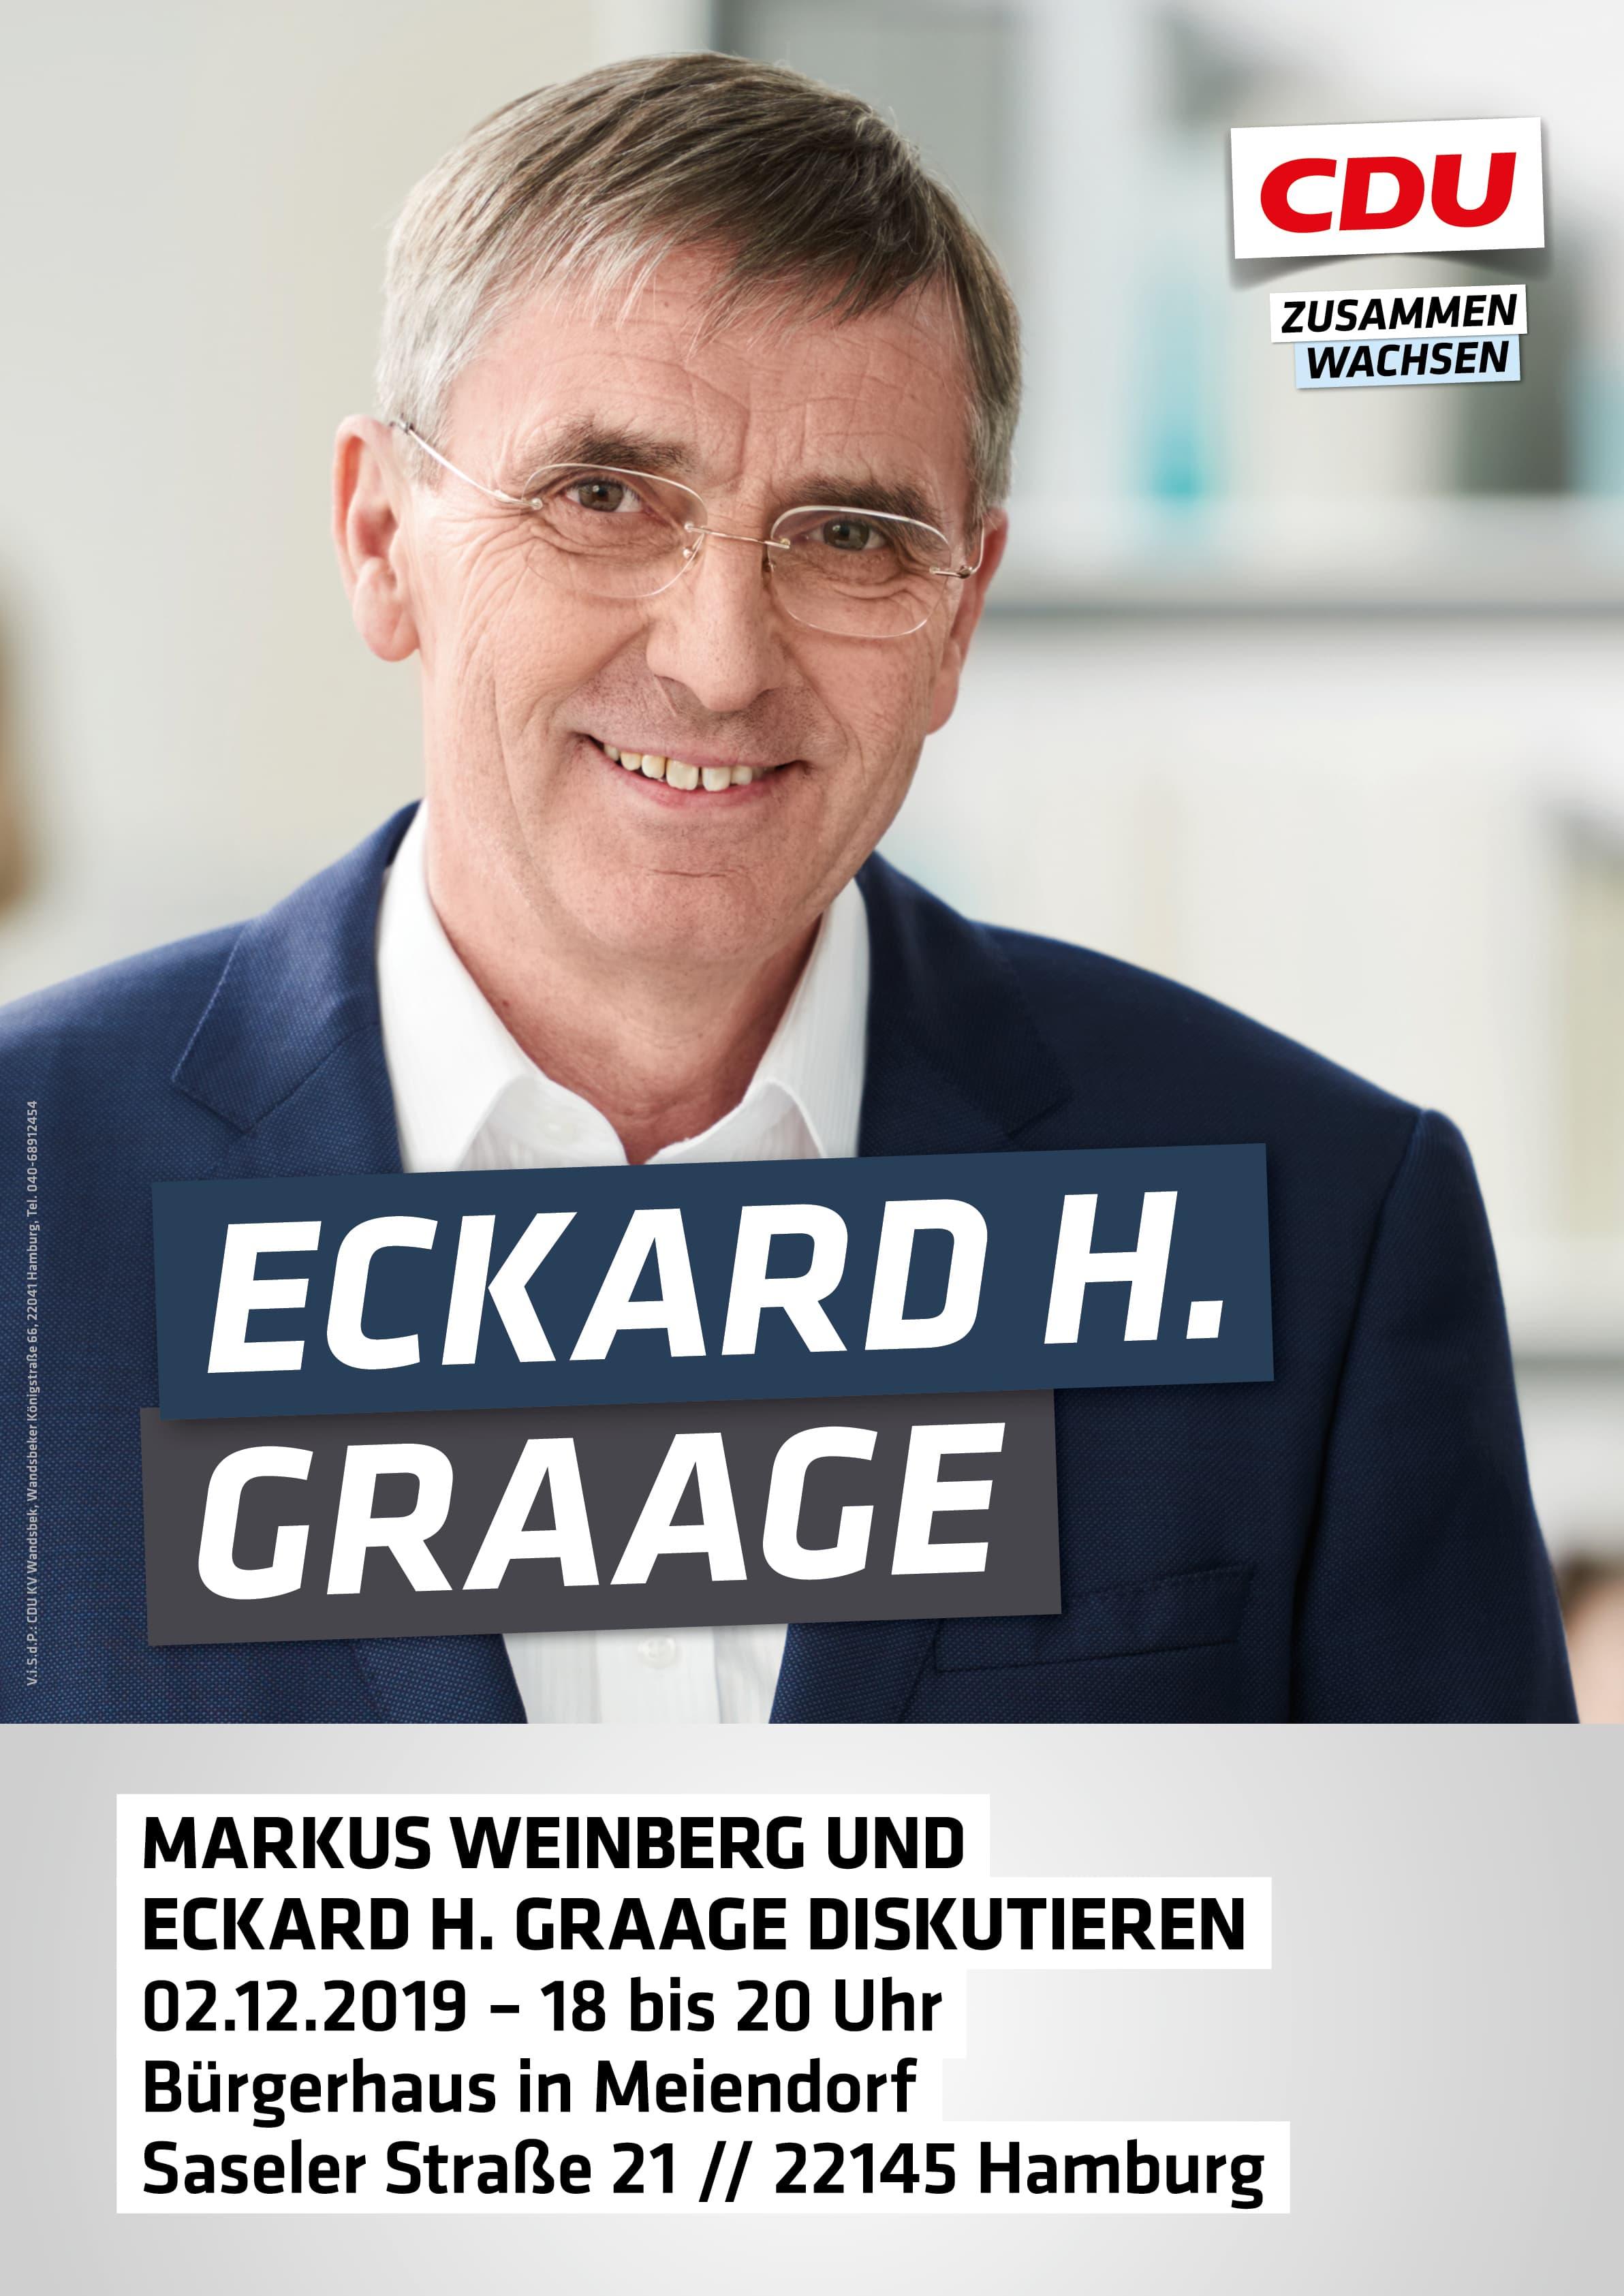 Eckard H. Graage und Marcus Weinberg diskutieren 2.12.2019